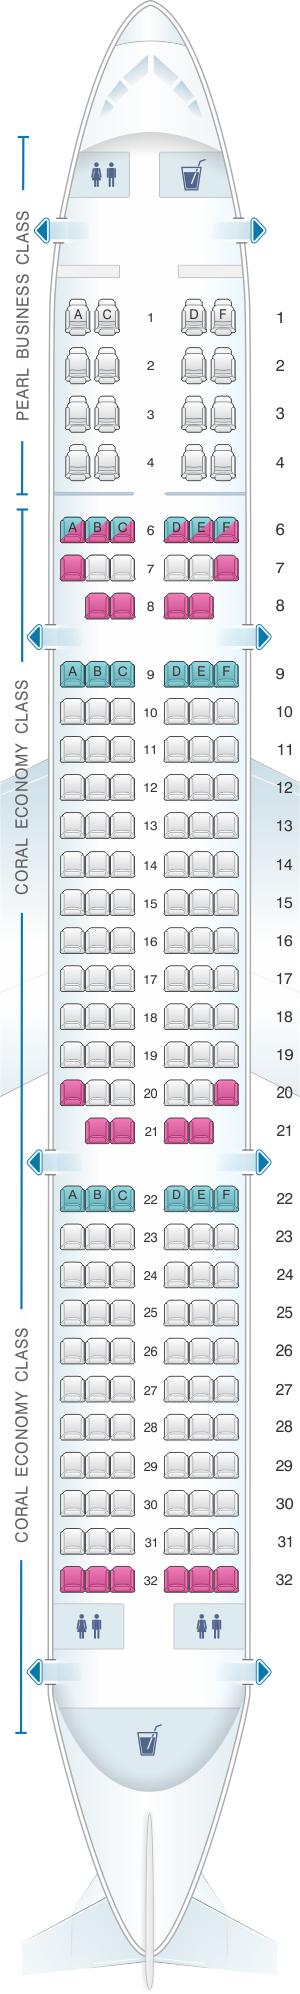 Seat Map Etihad Airways Airbus A321 200 | SeatMaestro